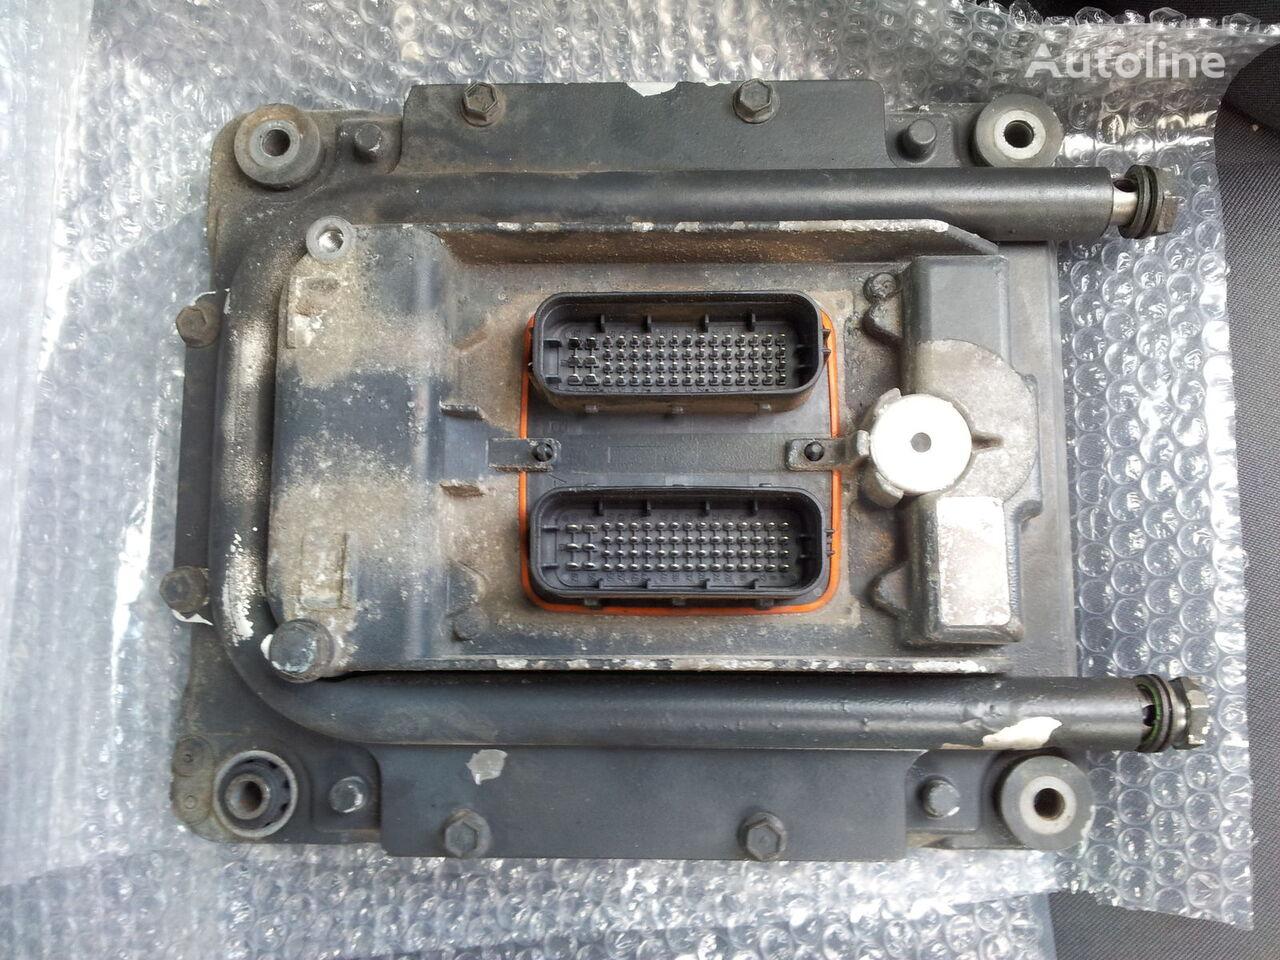 Renault Magnum DXI, engine control unit, EDC, ECU, 20977019 P03 unidad de control para RENAULT  Magnum DXI ECU tractora